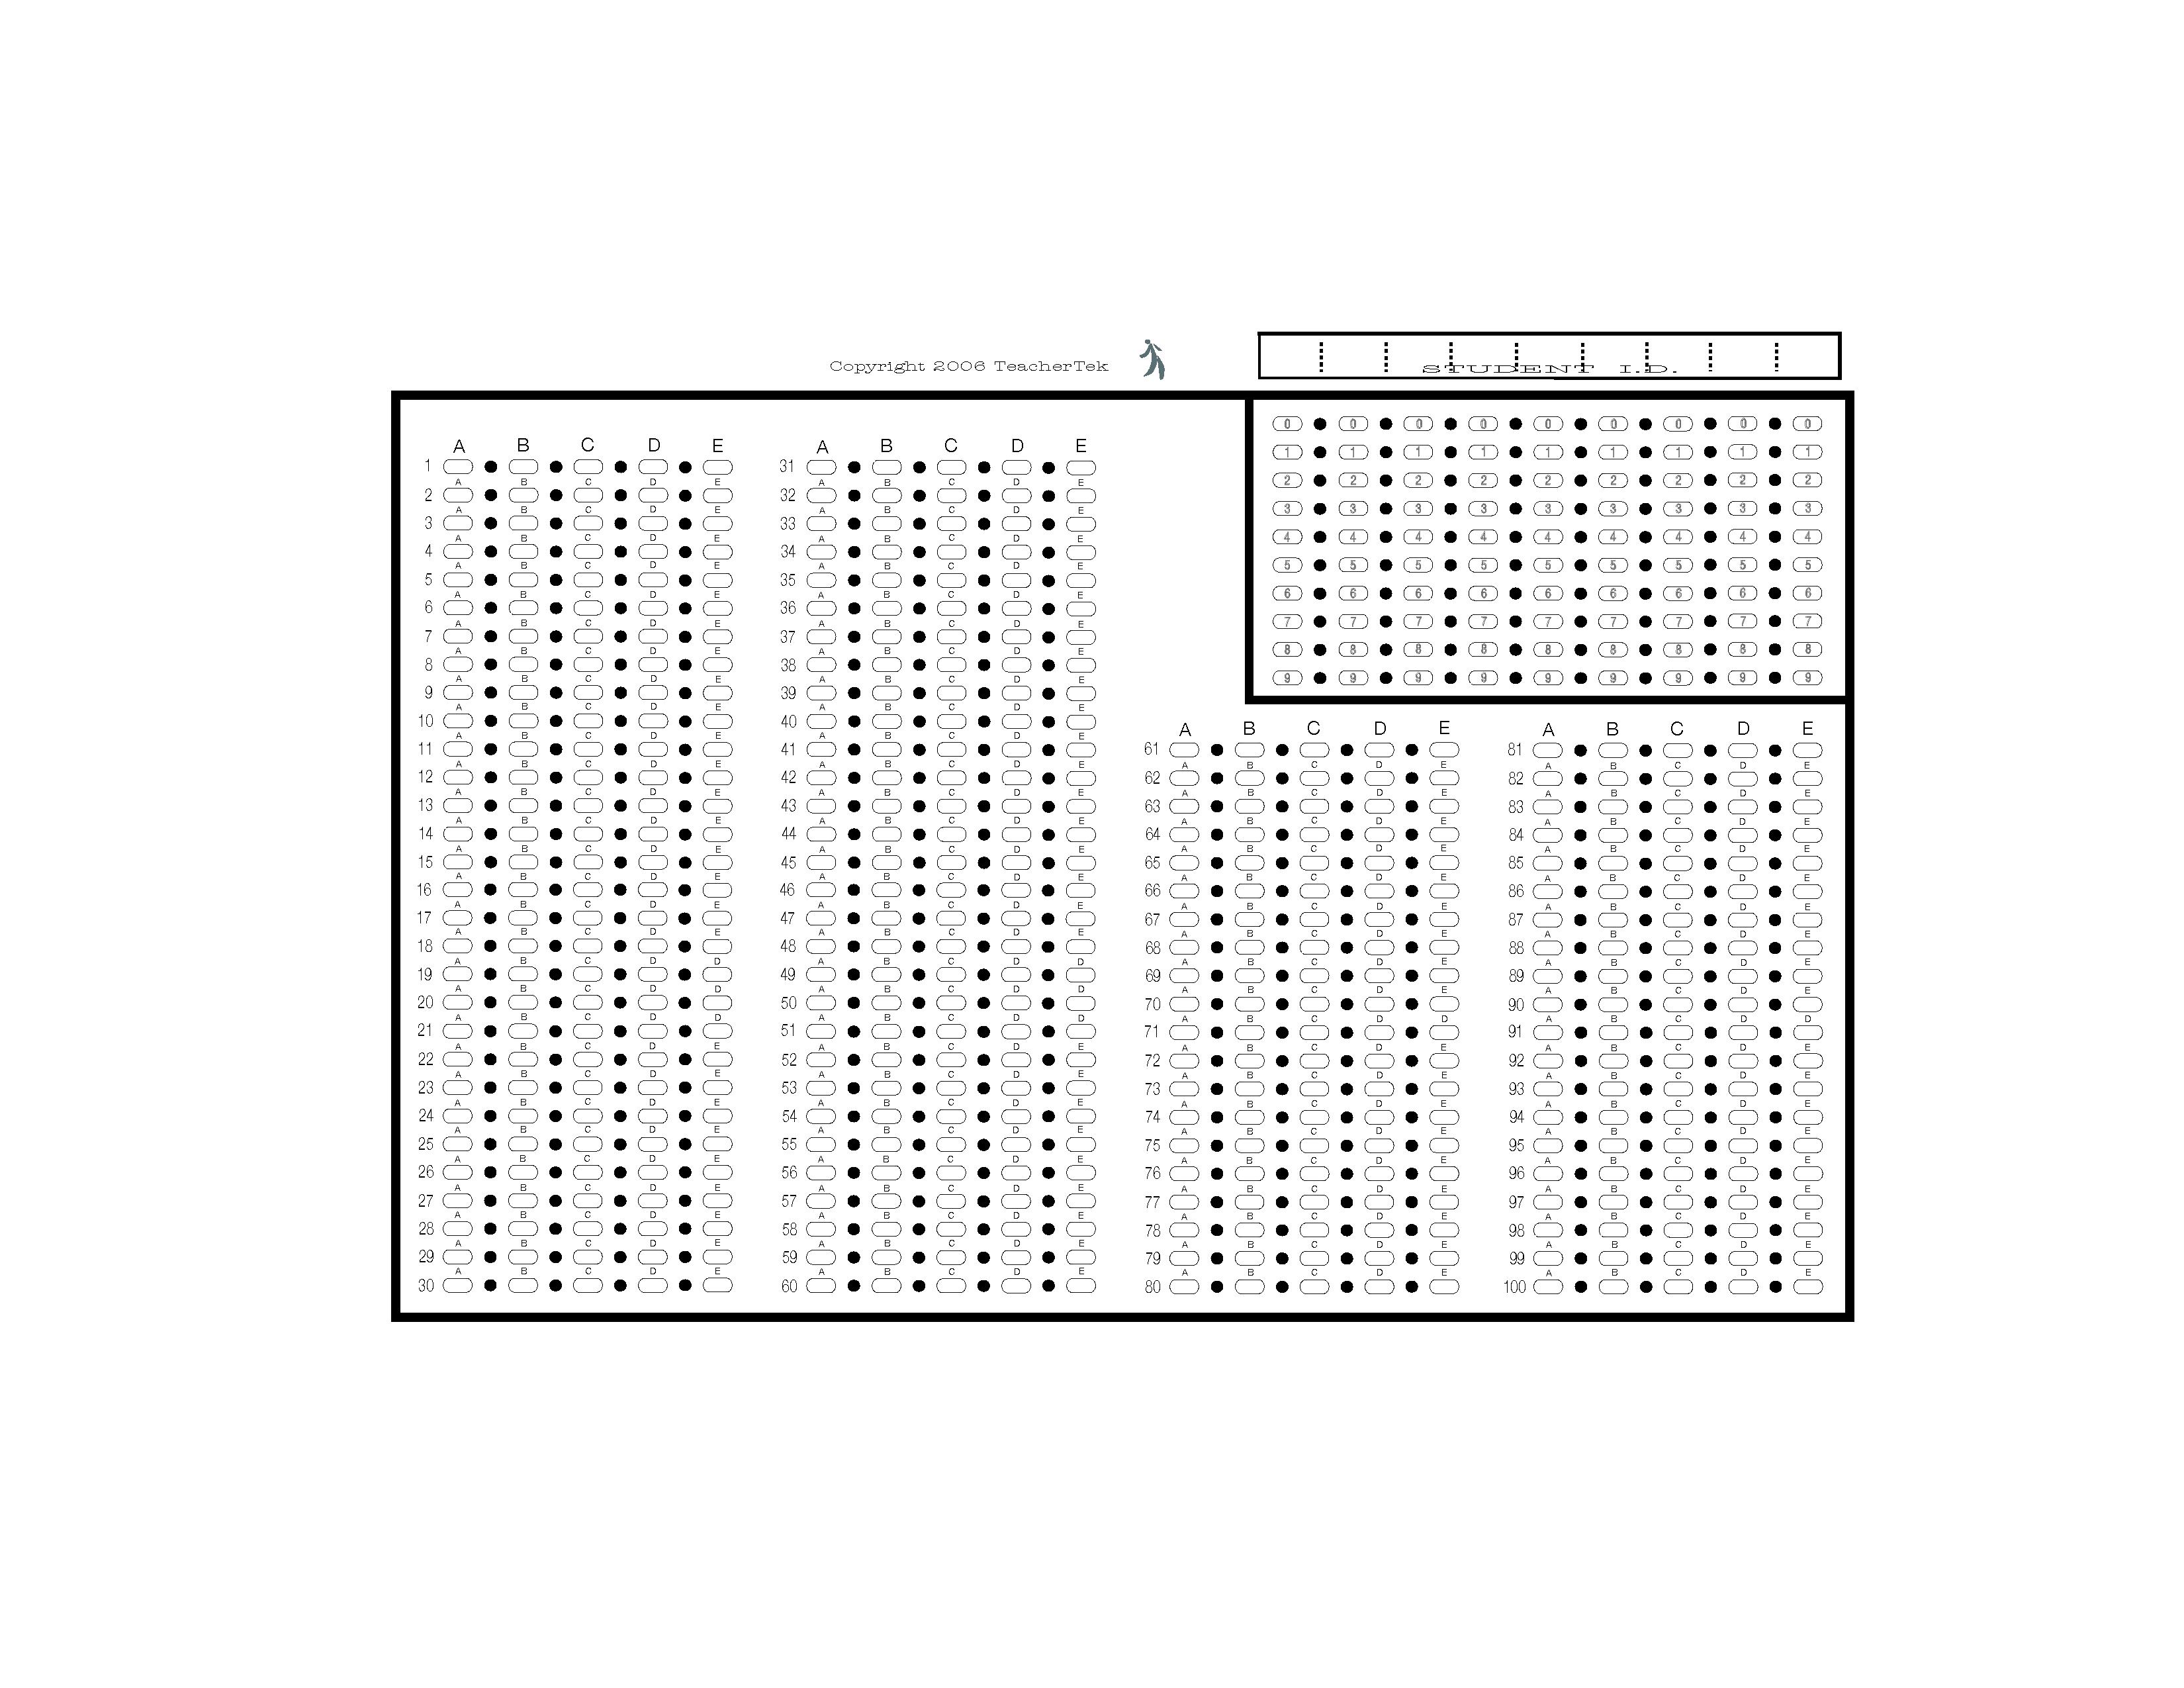 Northtech Grade Cam Rh Pbworks Com 25 Question Bubble Answer Sheet Sat Sheets